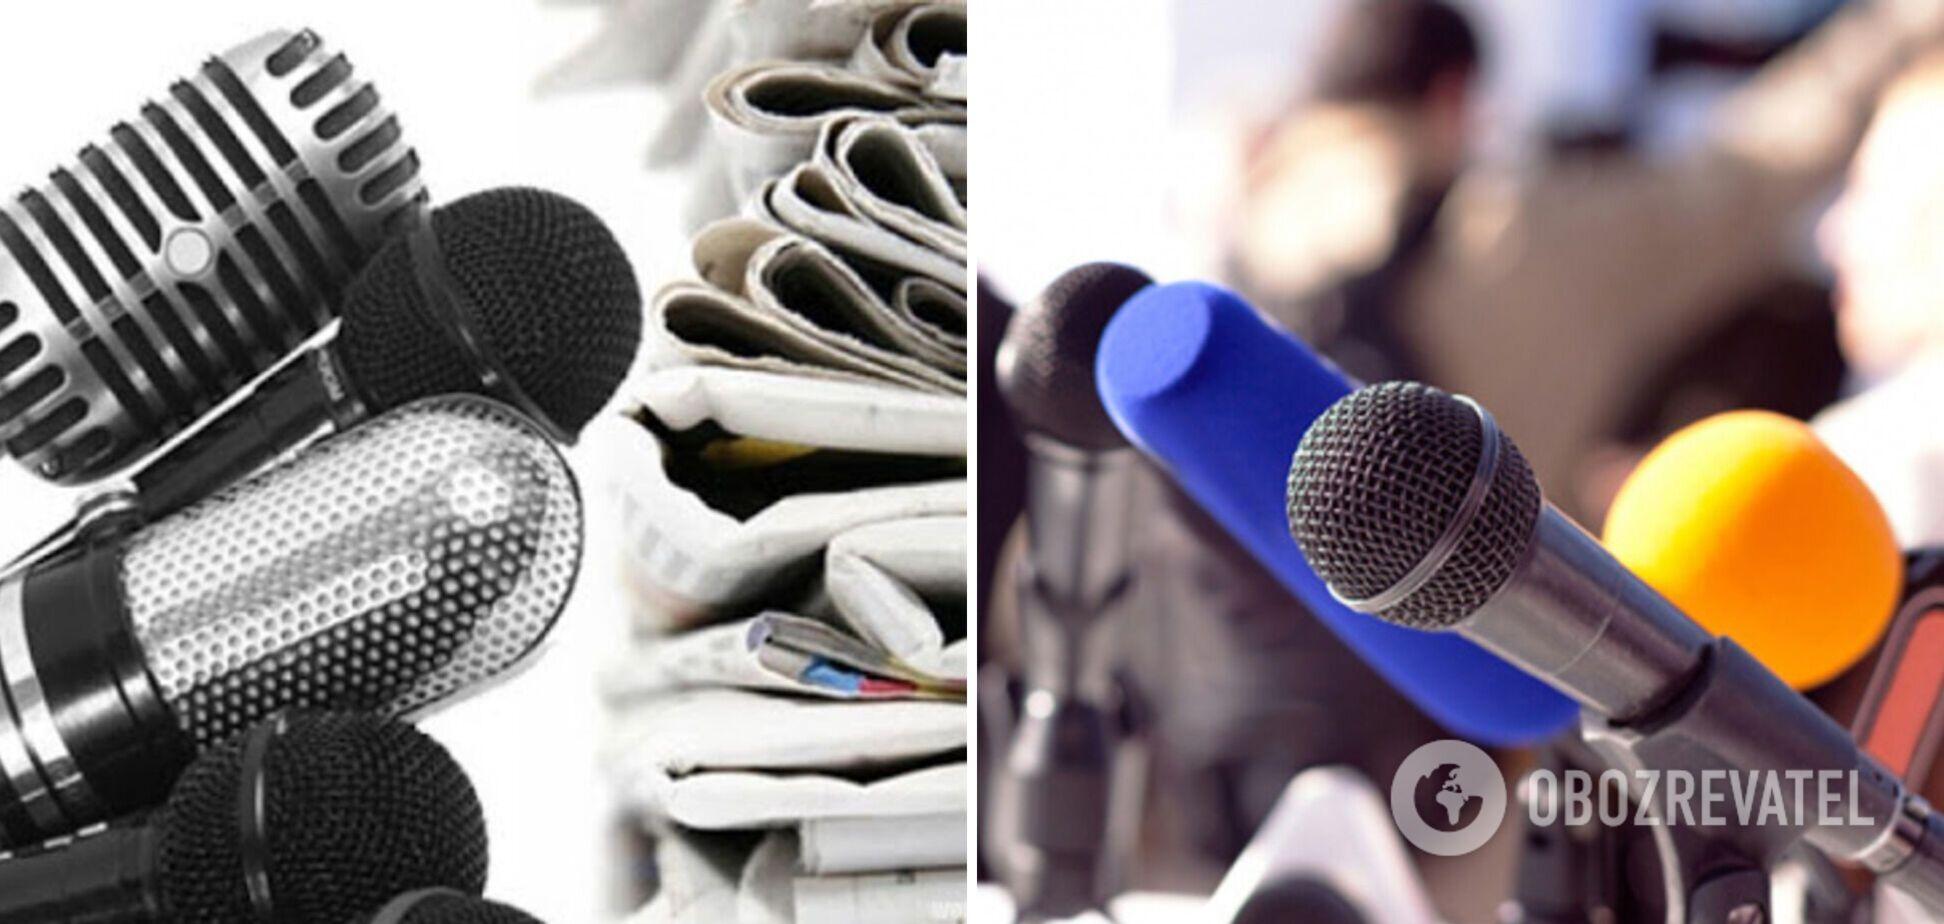 Міжнародна та Європейська федерації журналістів підтримали вимоги Всеукраїнської наради редакторів до влади